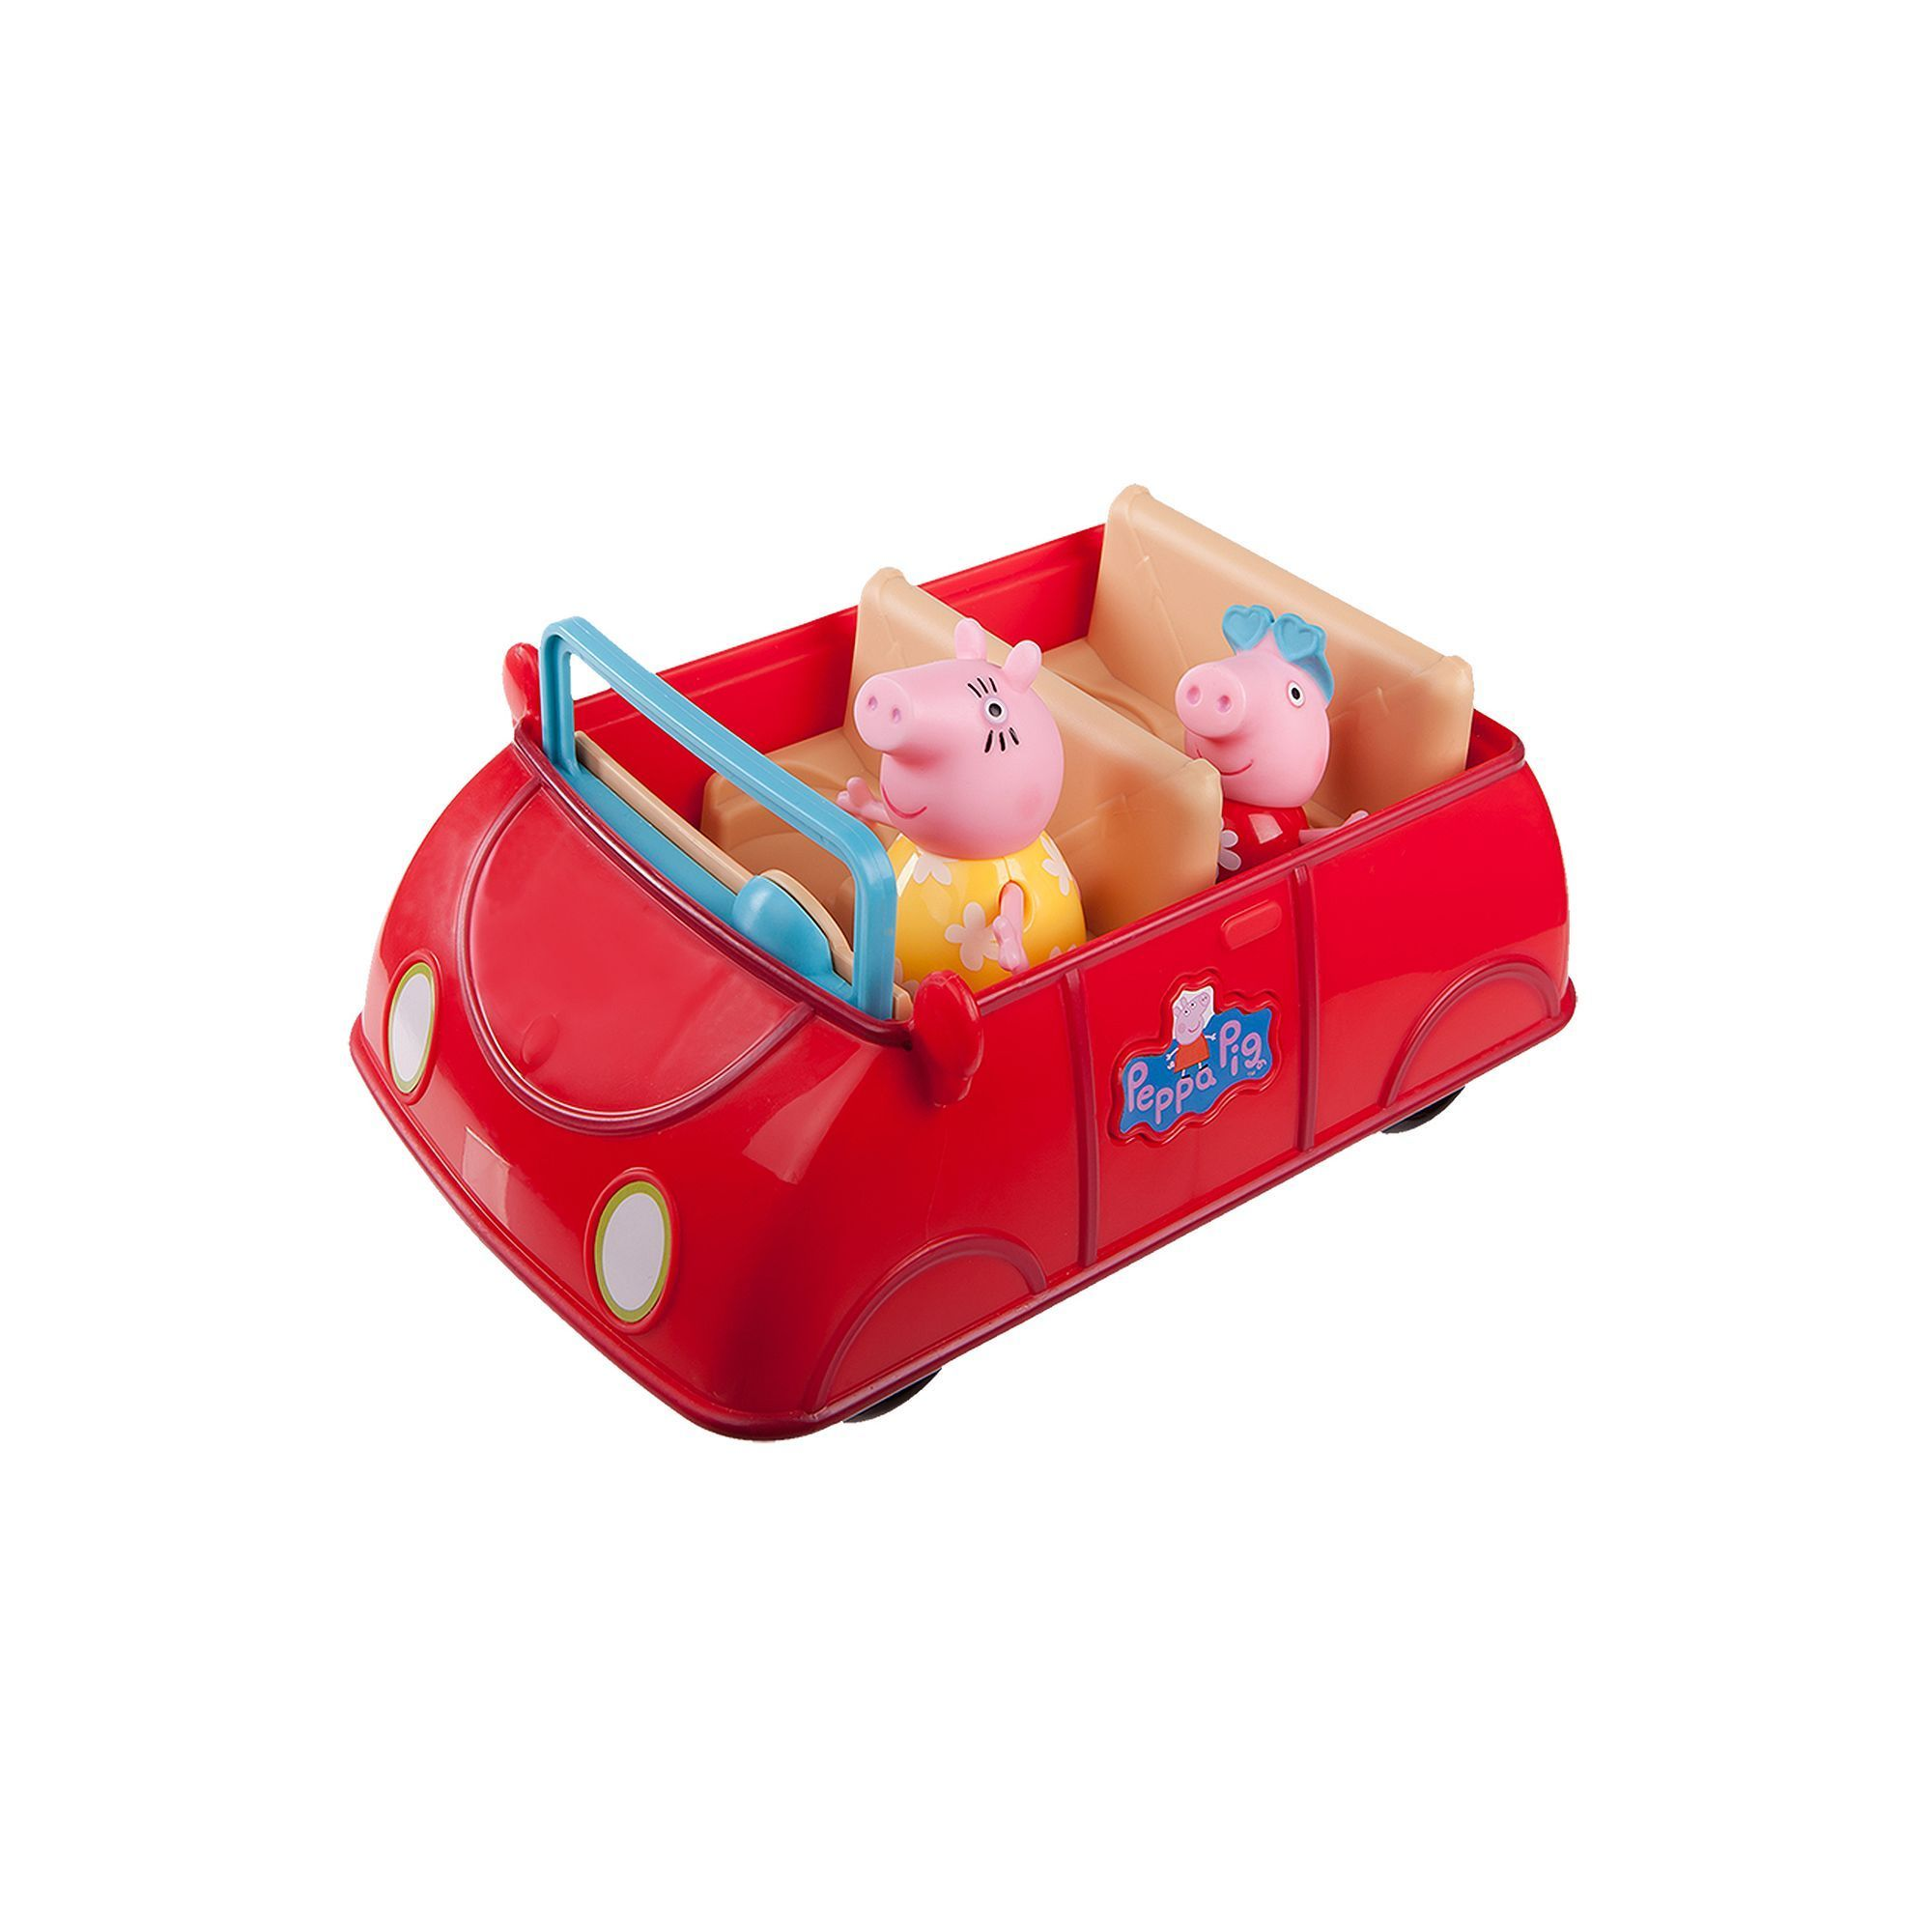 Peppa Pig Peppa's Red Car Peppa pig, Peppa pig car, Toys